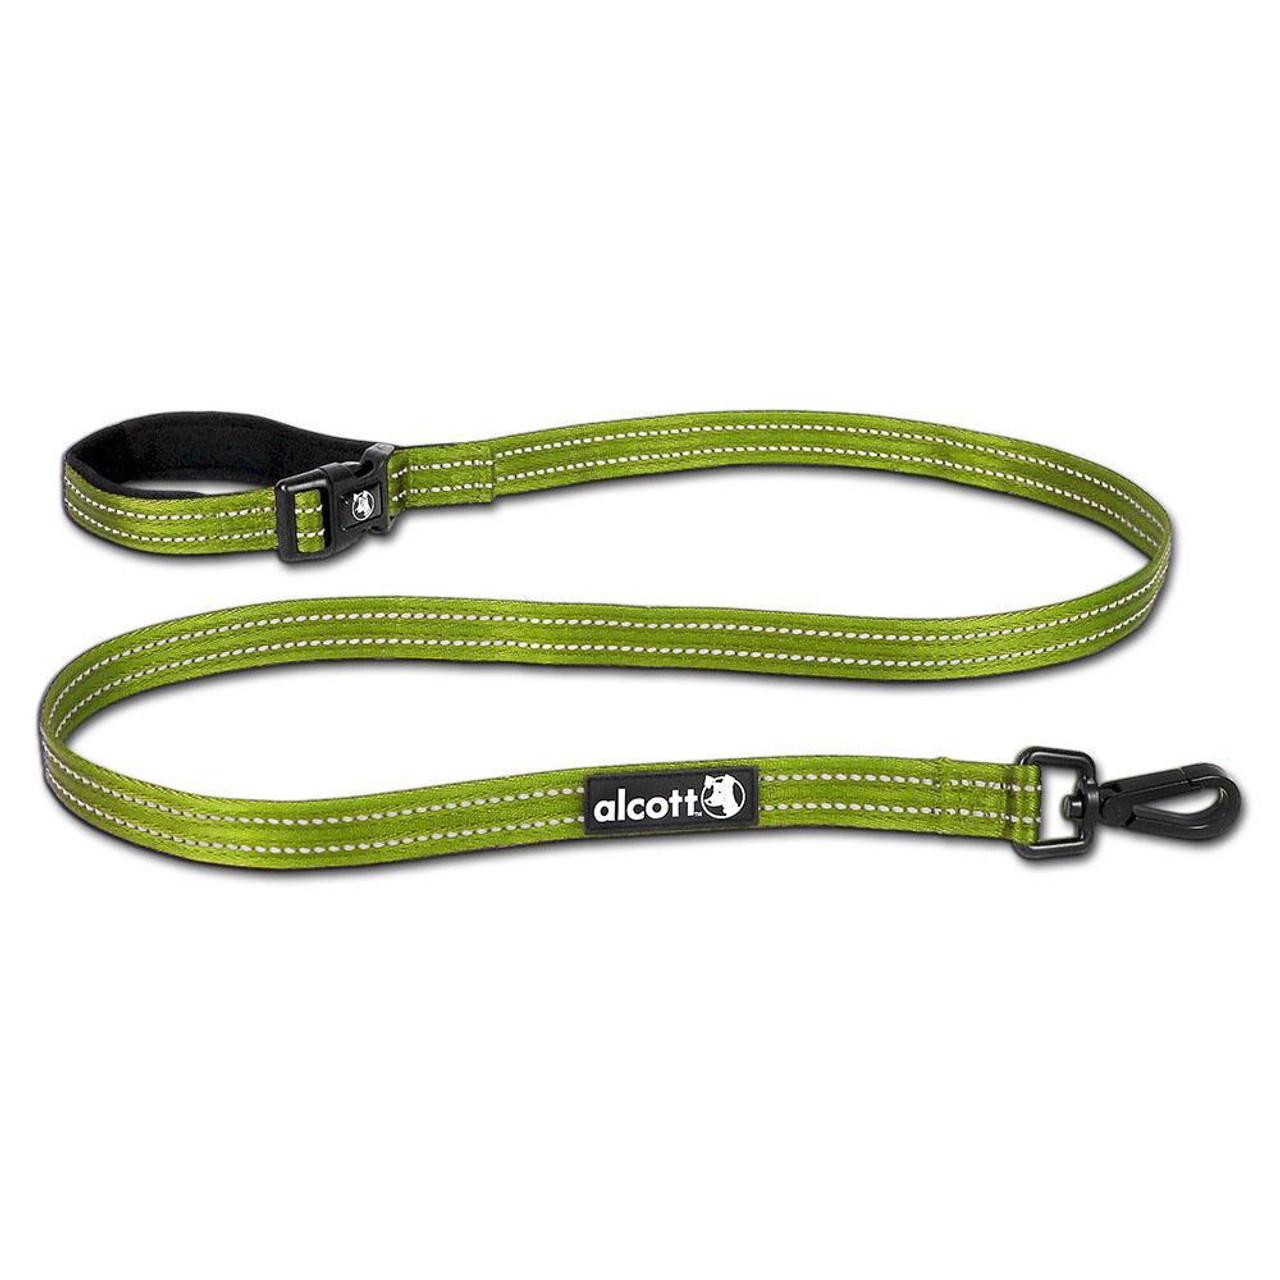 Alcott Adventure Weekender Dog Leash